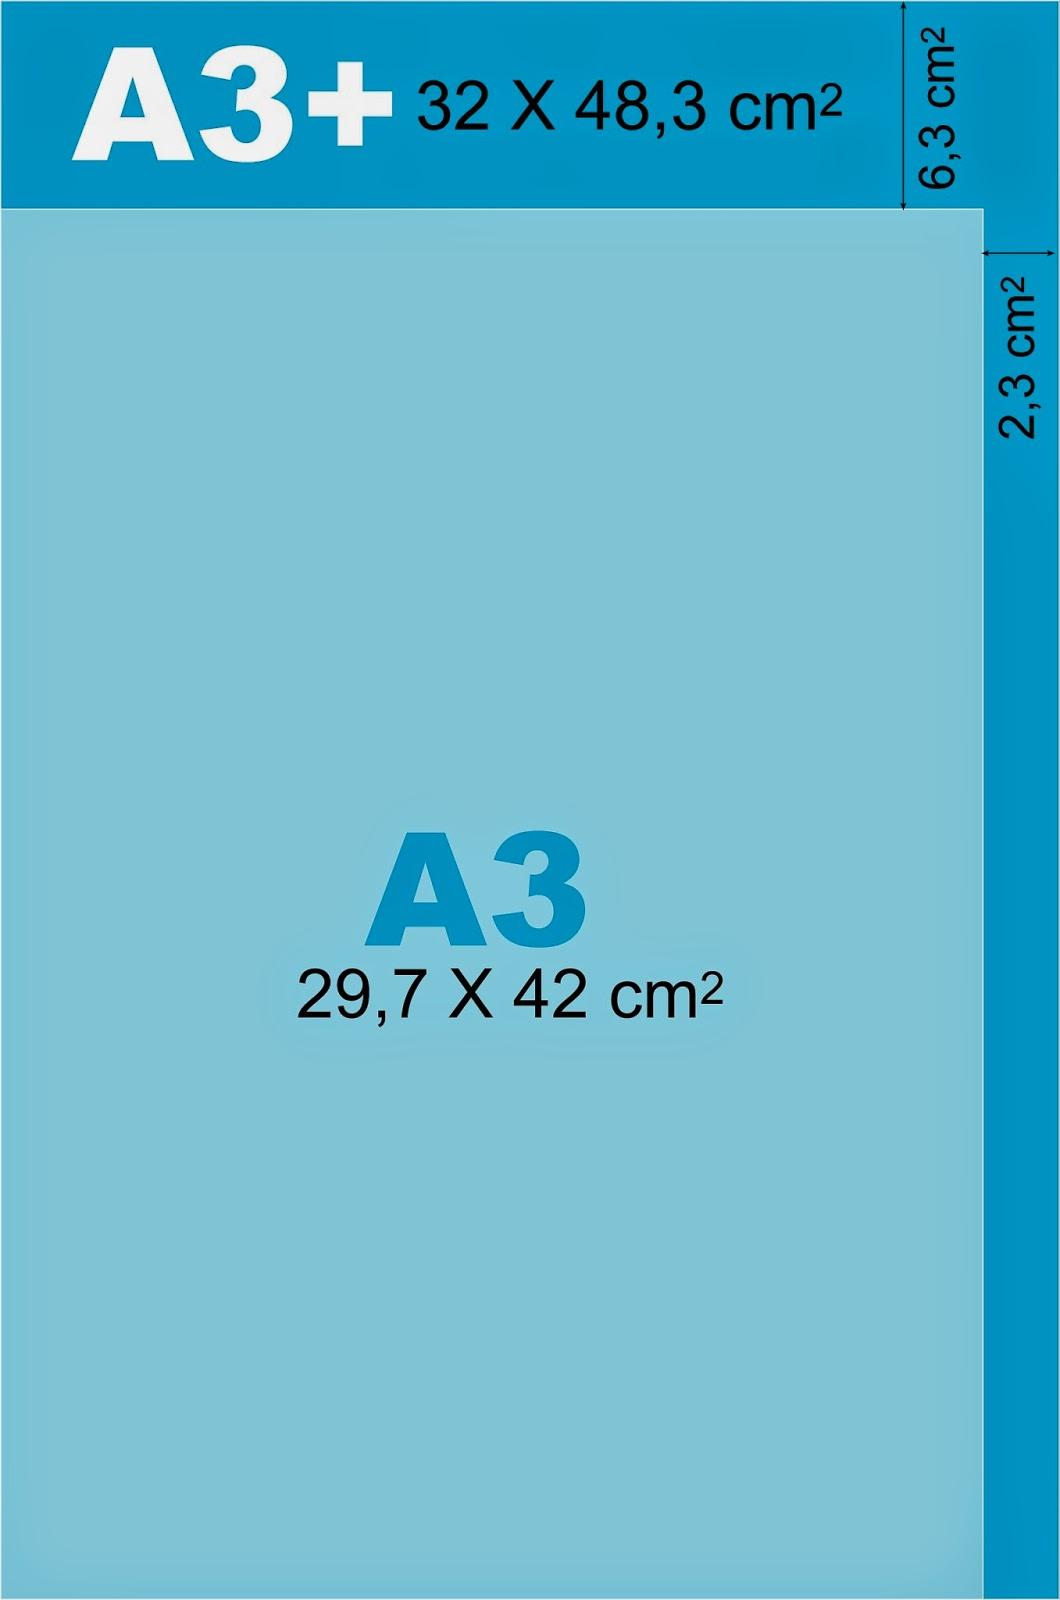 Ukuran Gambar A3 : ukuran, gambar, Ukuran, Kumpulan, Materi, Pelajaran, Contoh